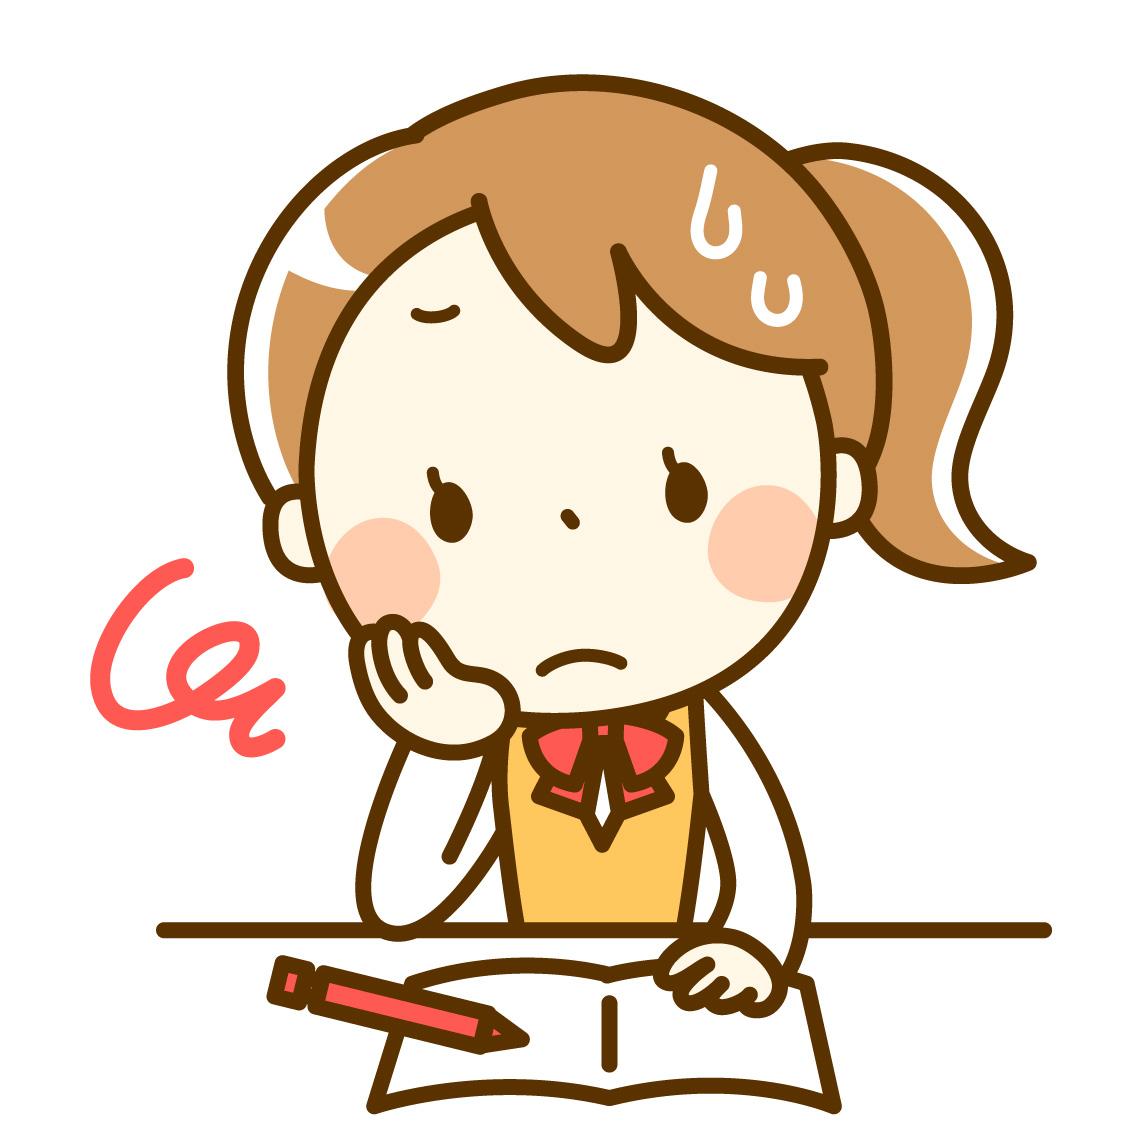 ヤレヤレ(;・∀・)